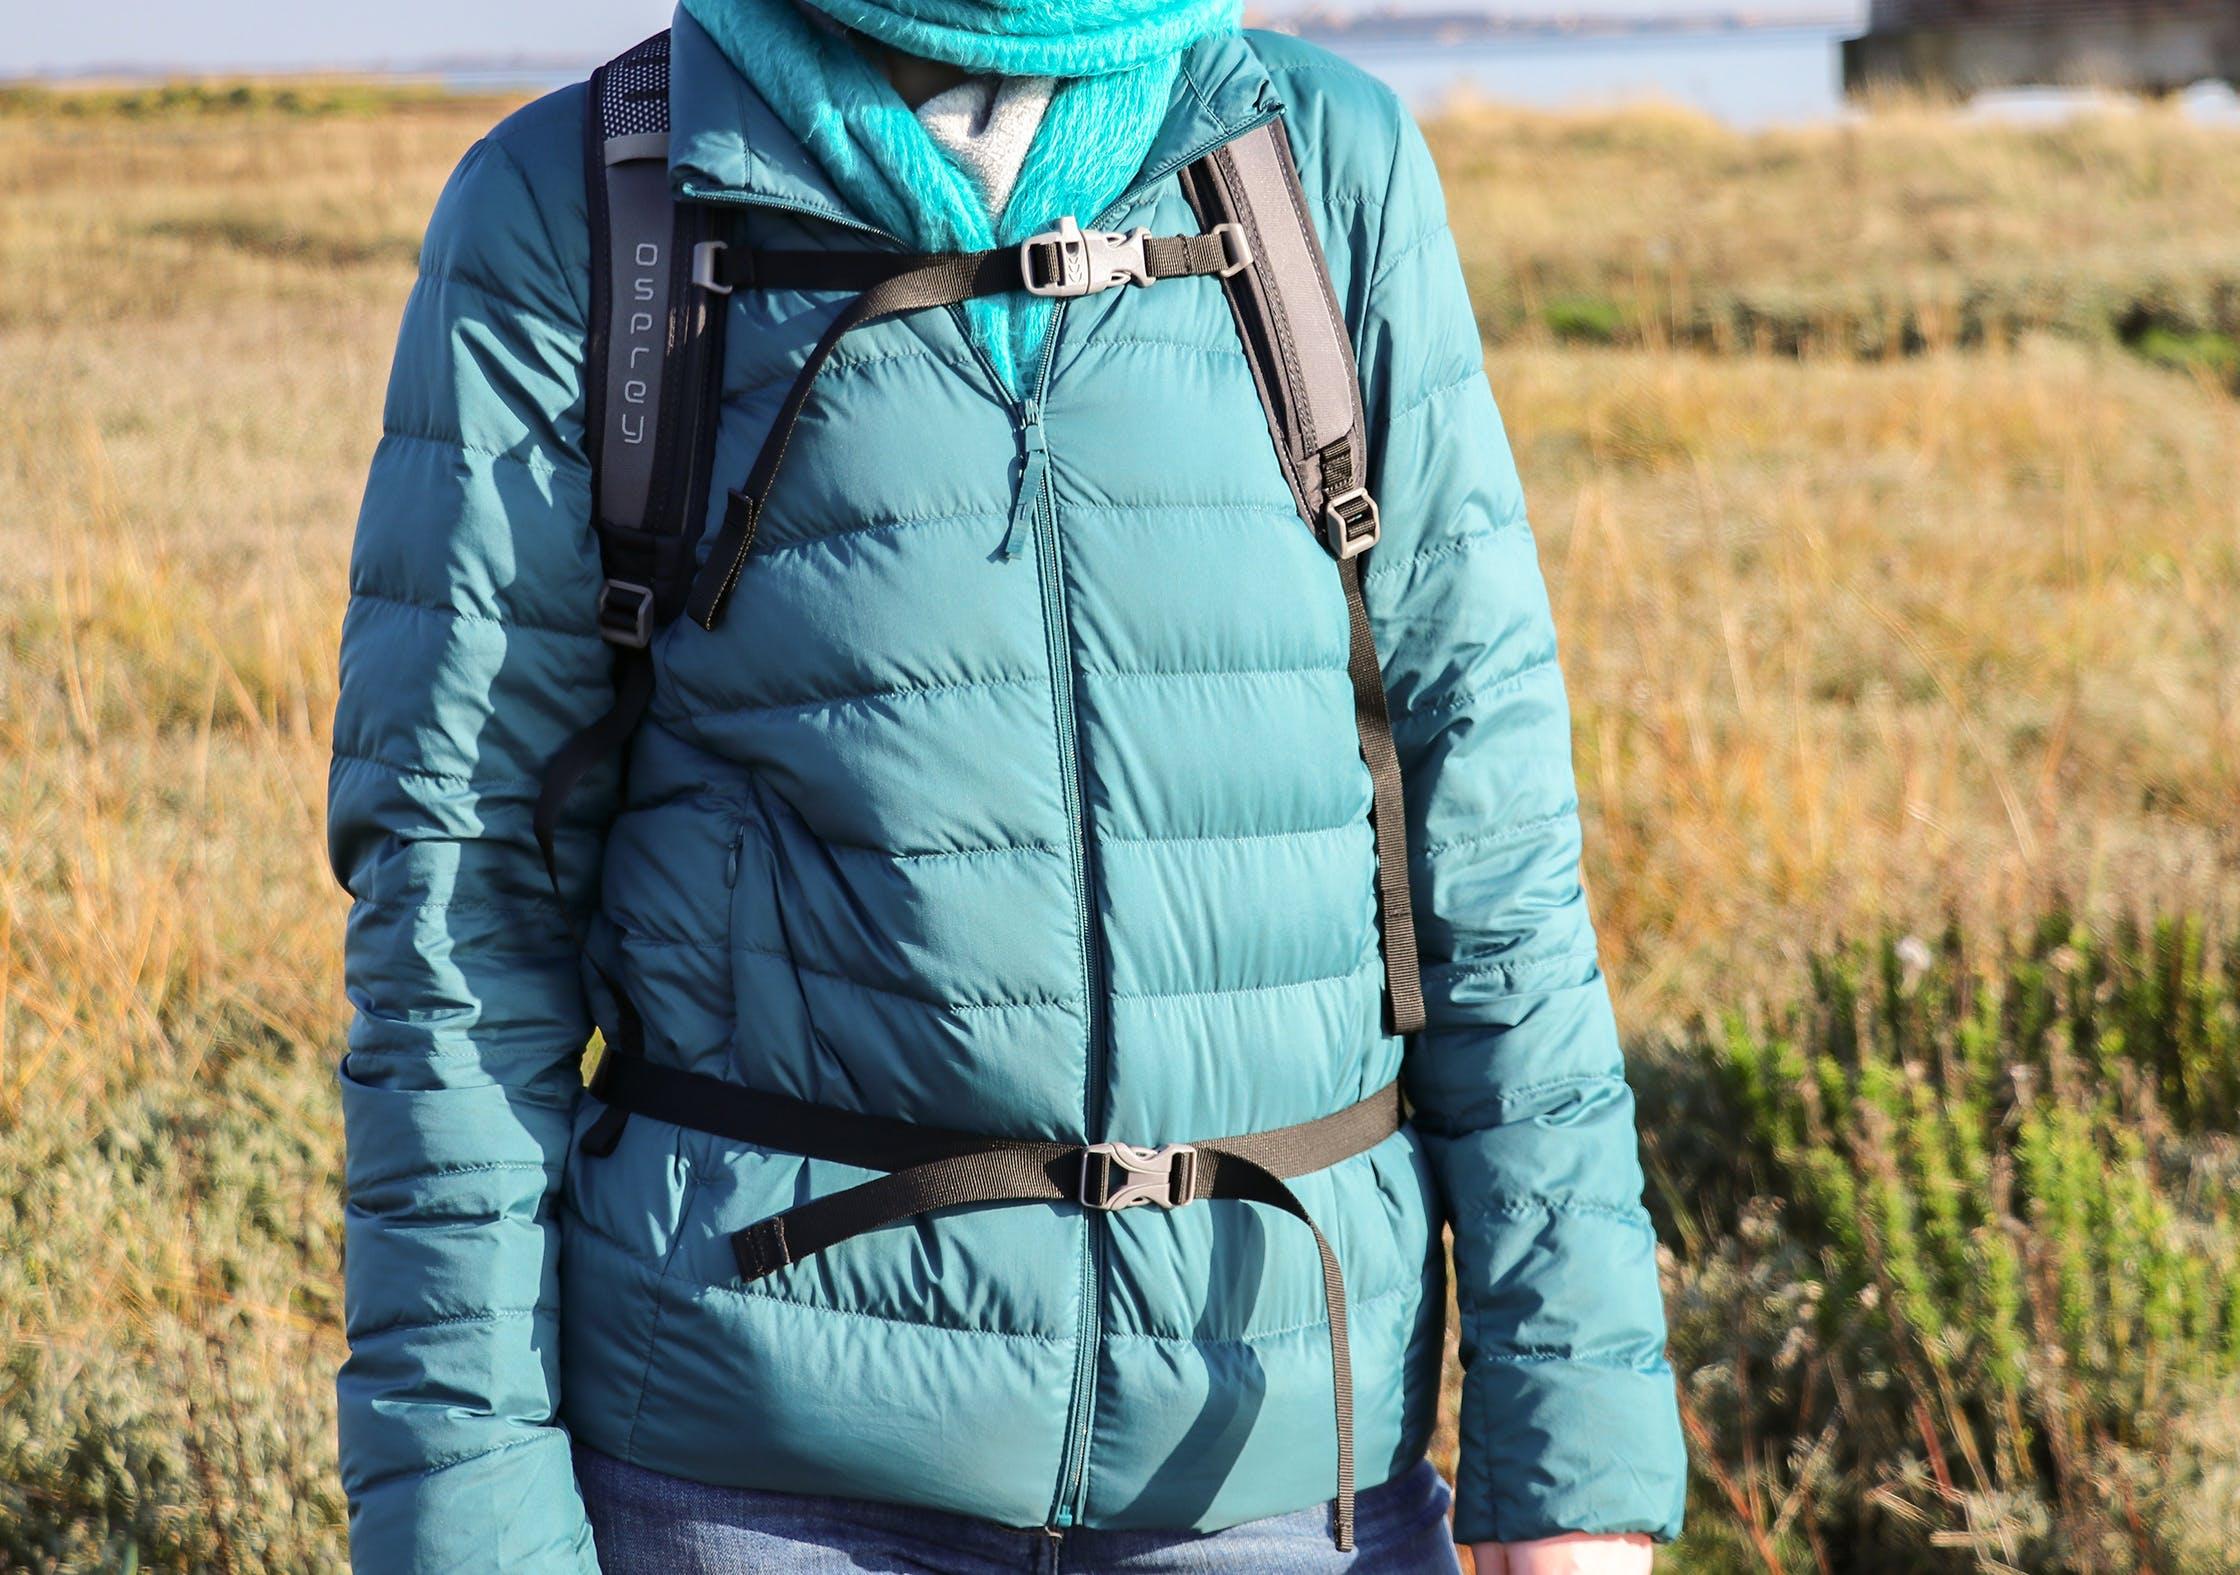 Osprey Daylite Plus Sternum Strap & Hip Belt